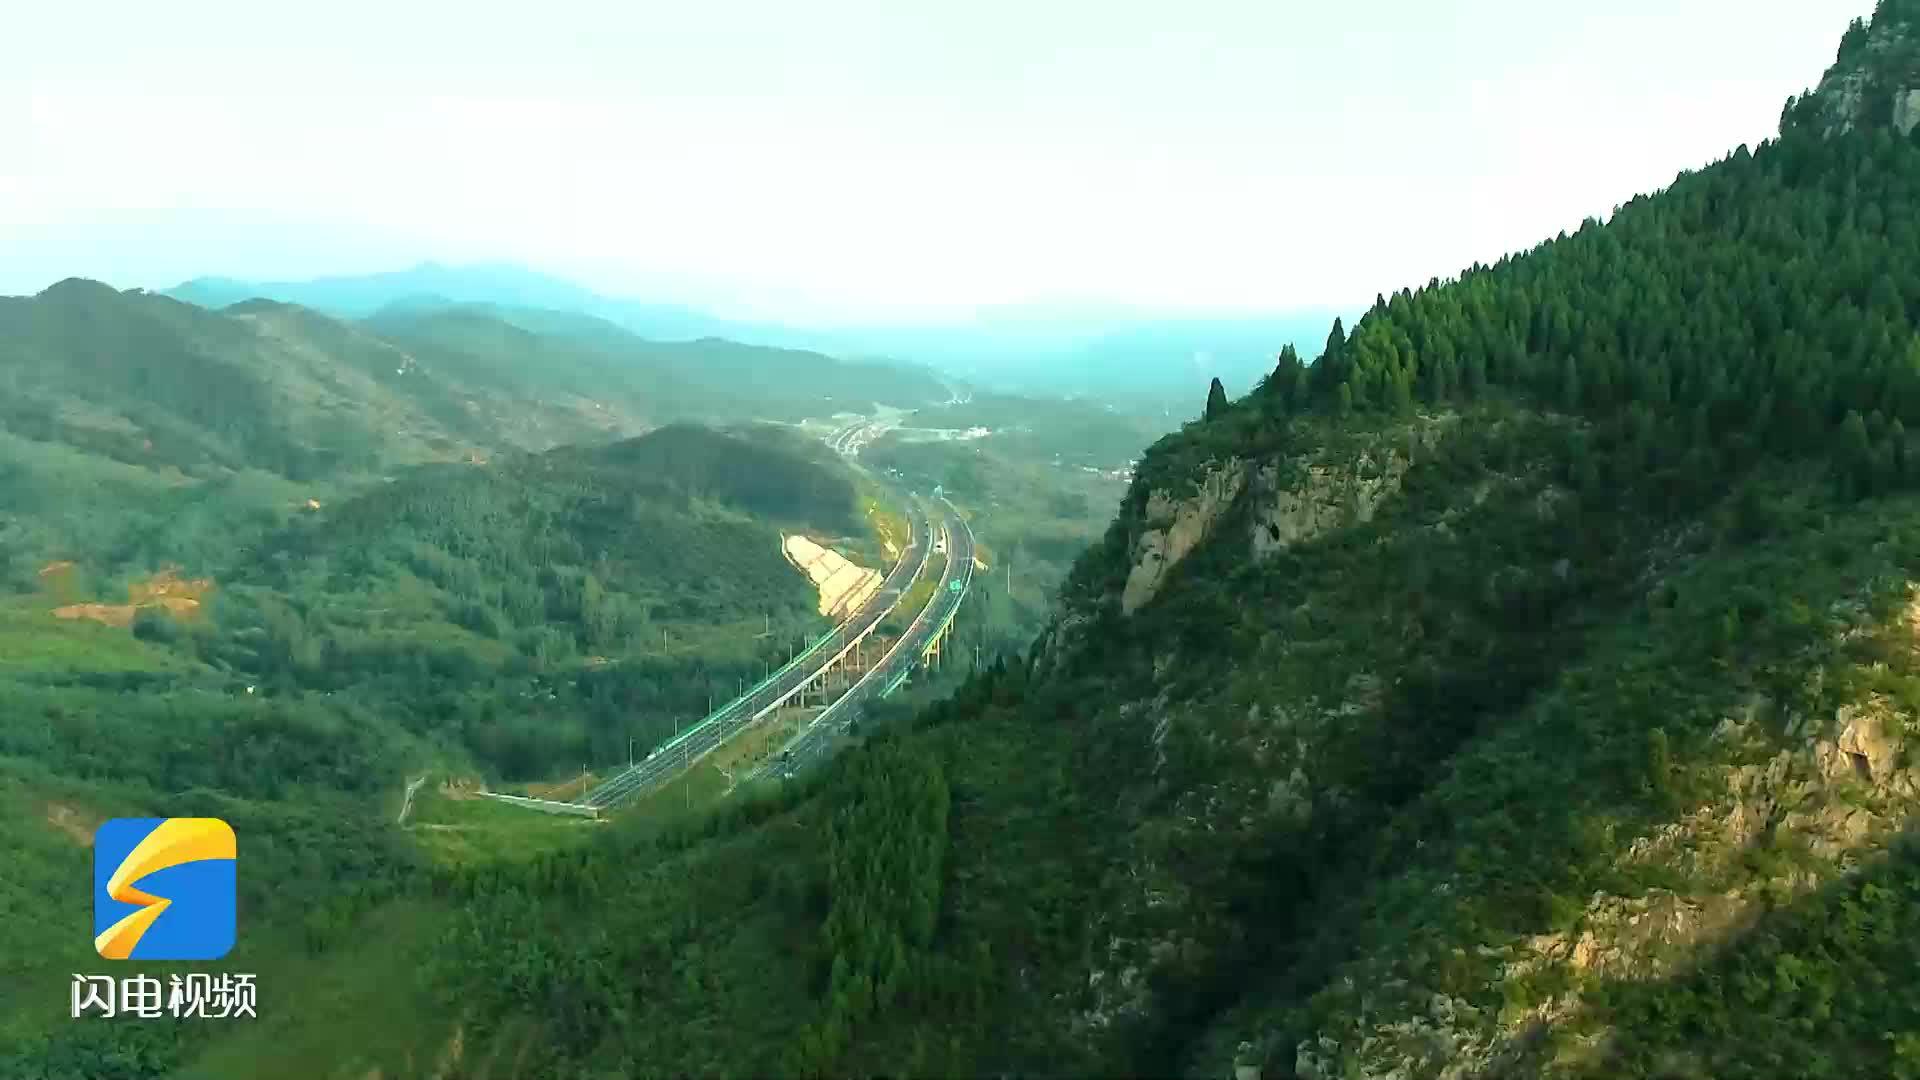 【沿着高速看山东】济泰高速:沿最美高速  看齐鲁风韵